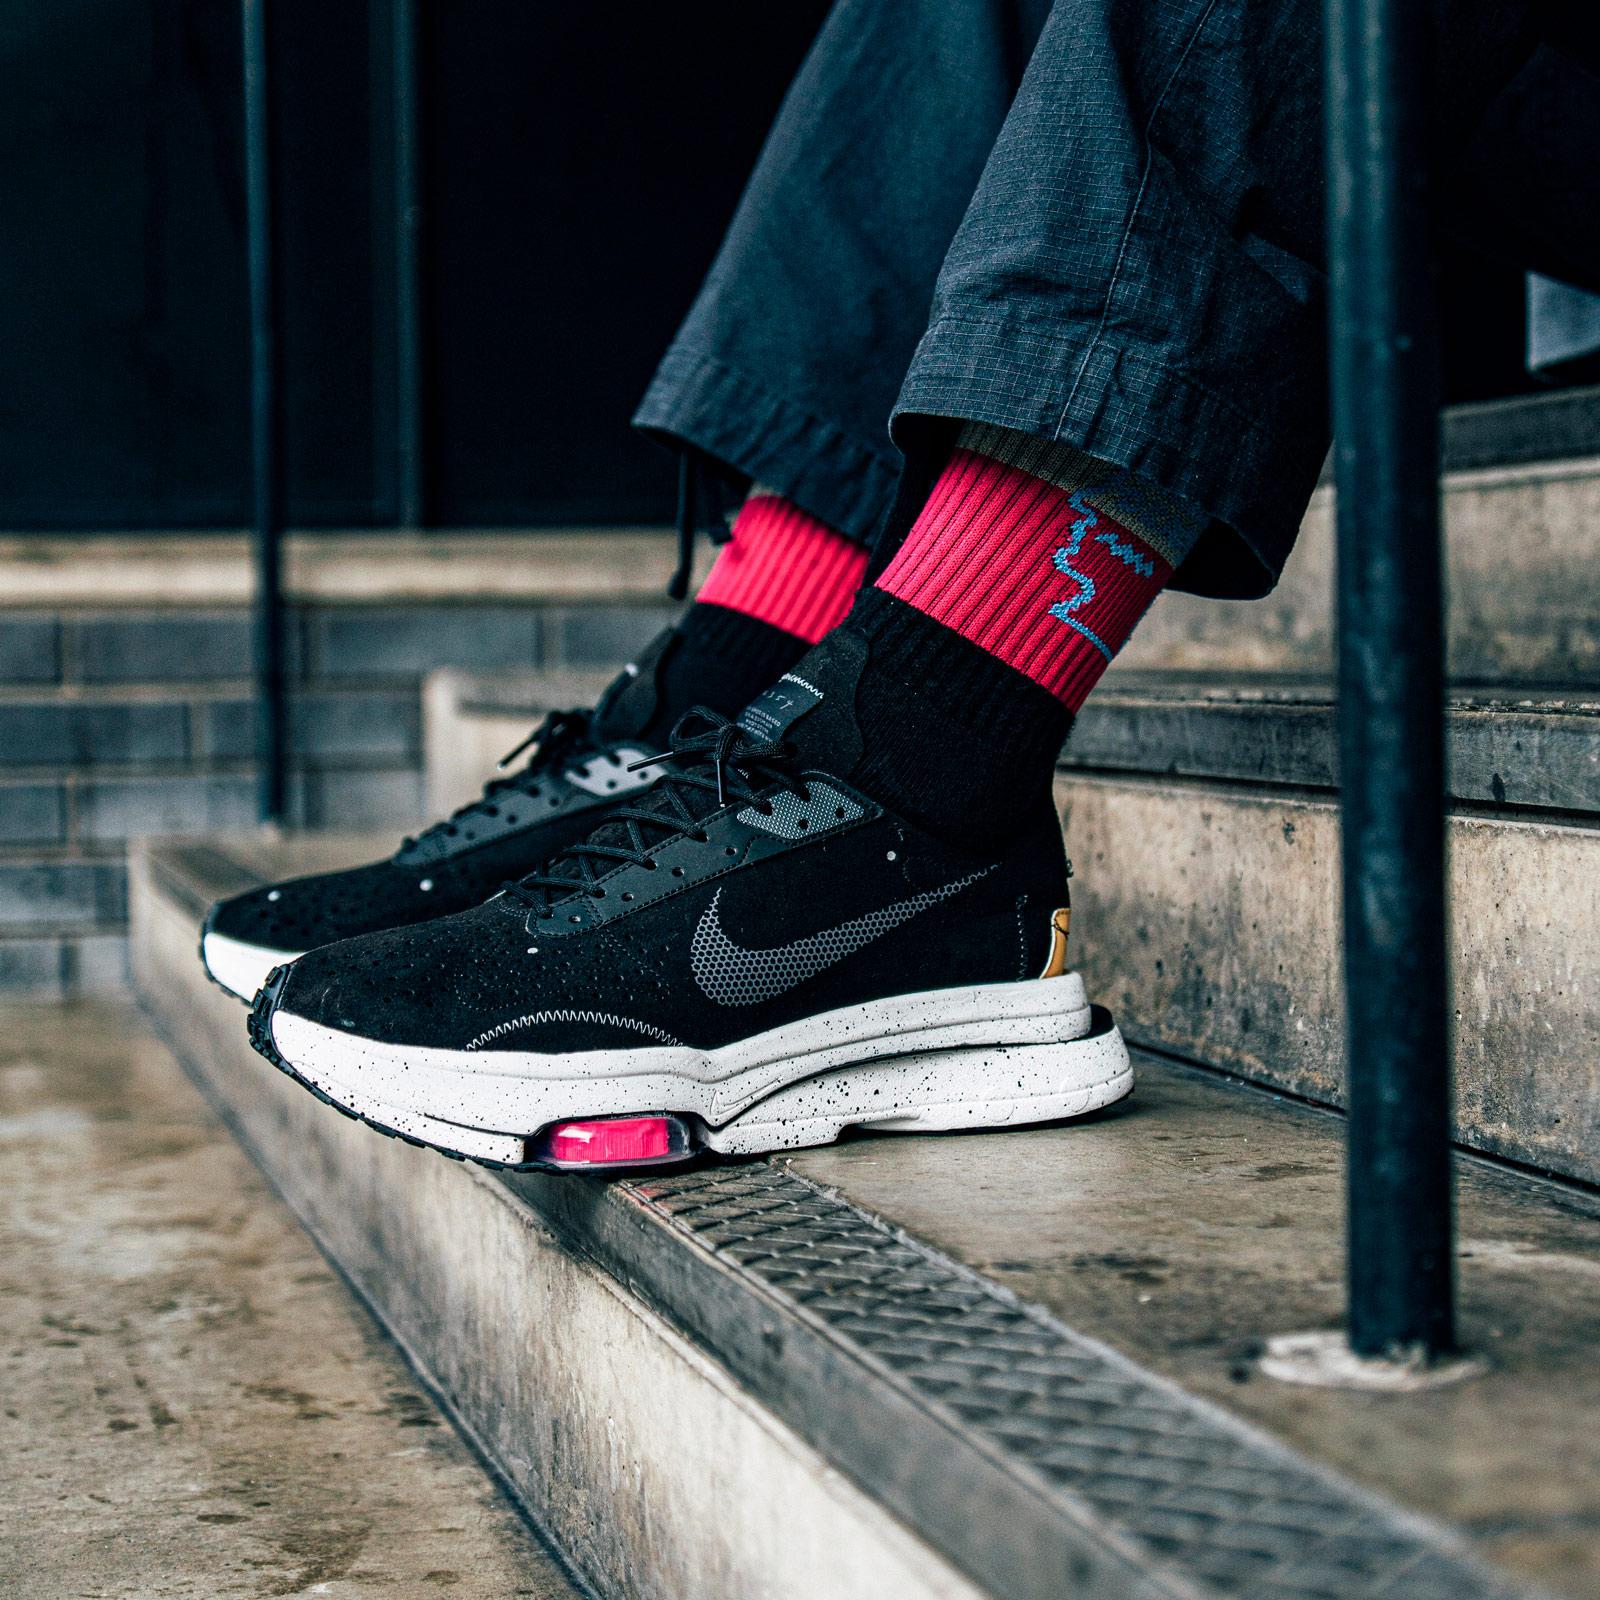 Nike Air Zoom Type - Cj2033-003 - SNS | sneakers & streetwear ...